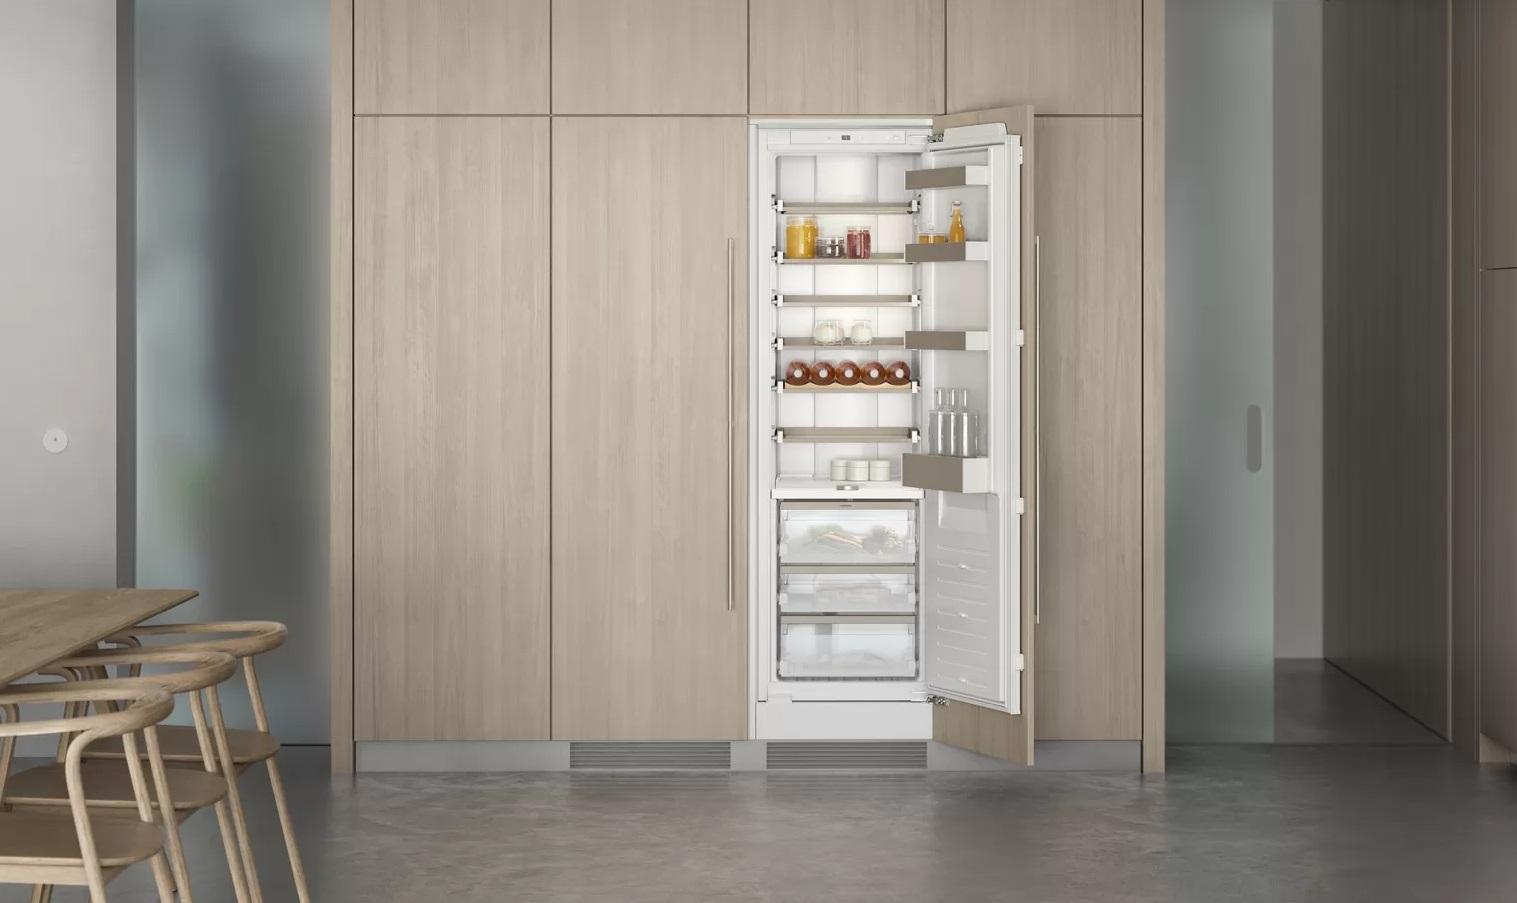 Vario Refrigerator 200 series